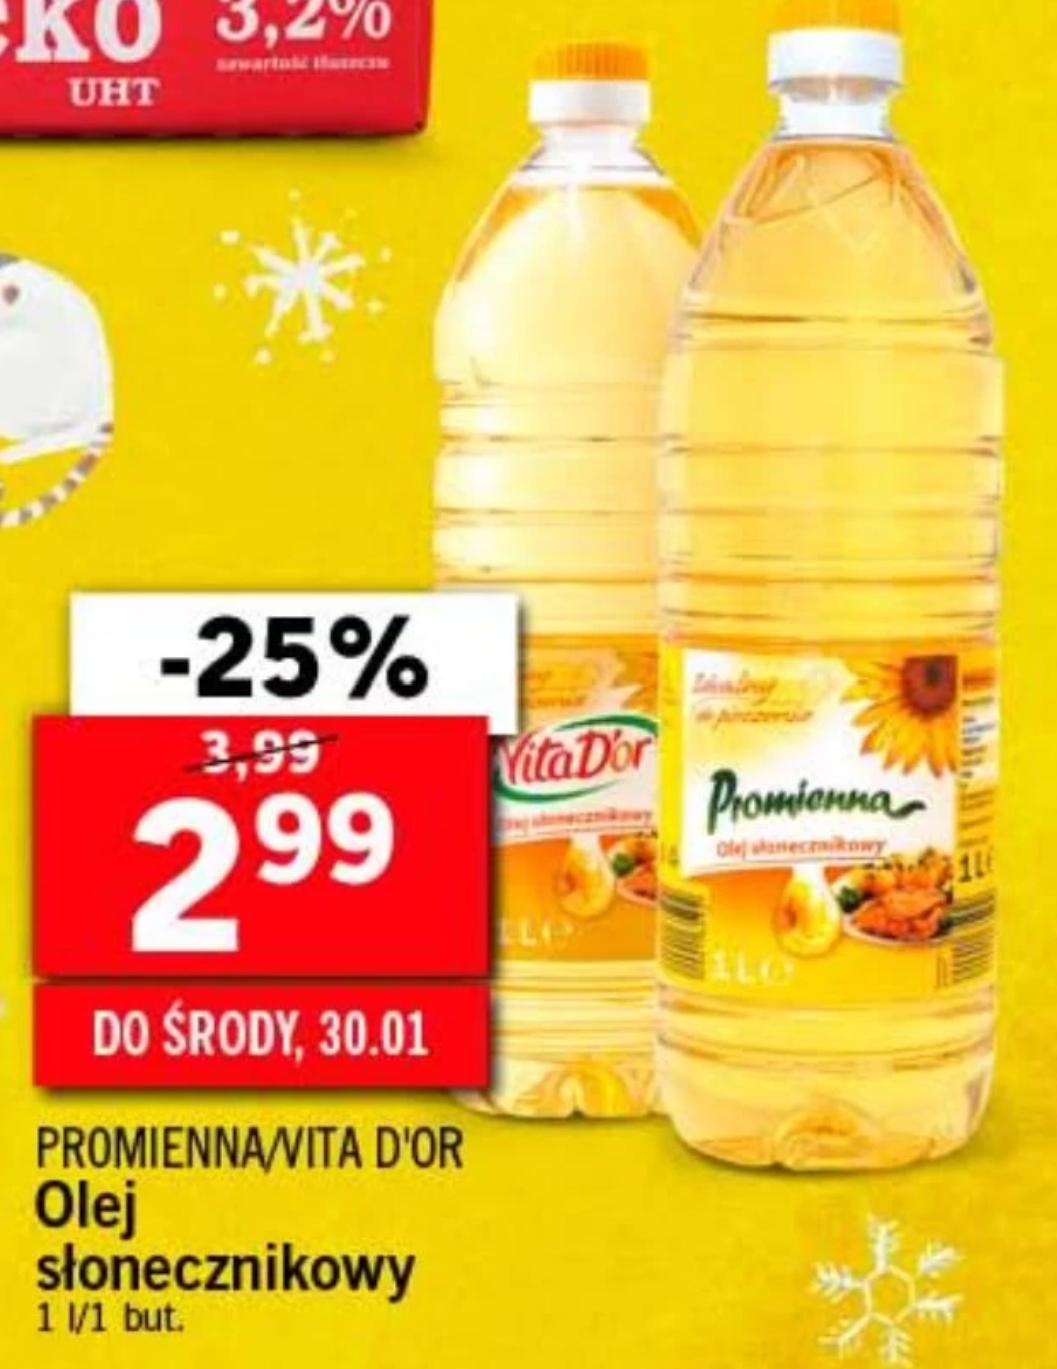 Olej słonecznikowy - 2.99zł za 1l - Lidl